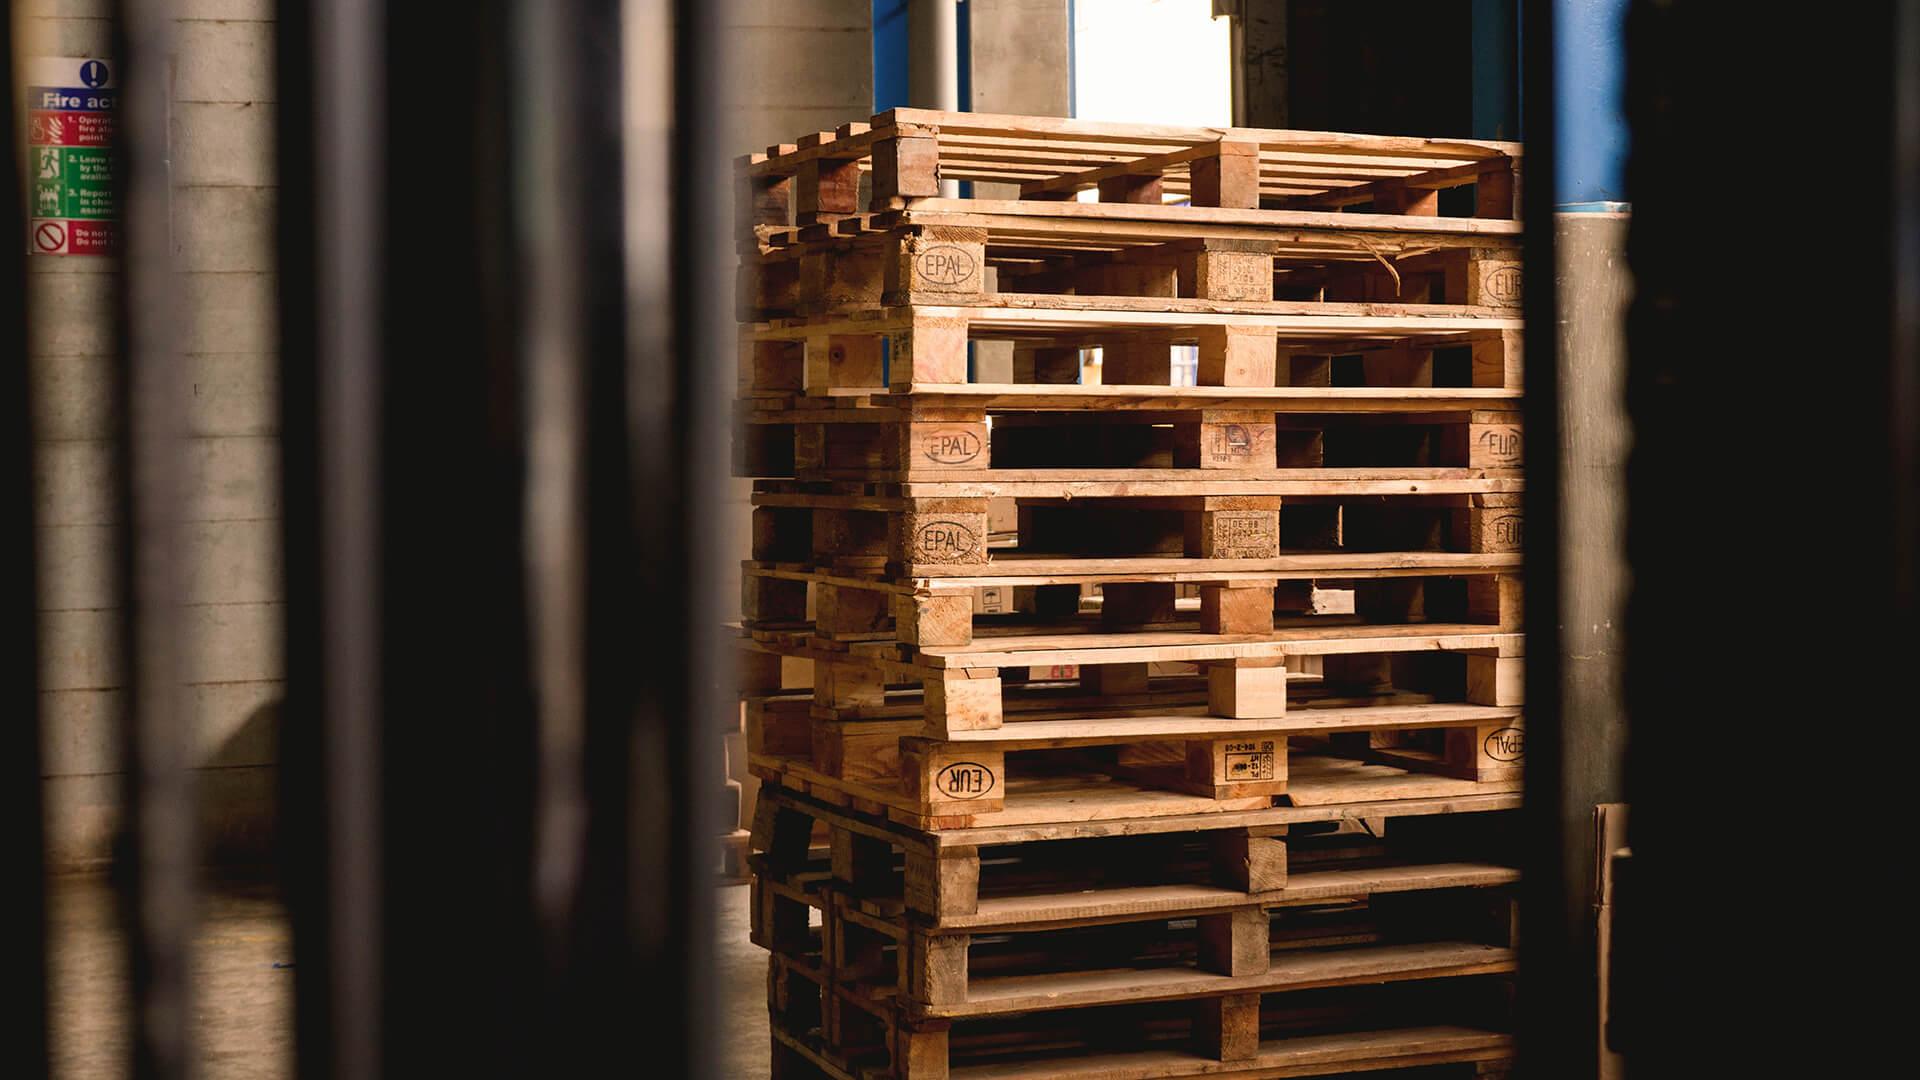 Pallet storage services